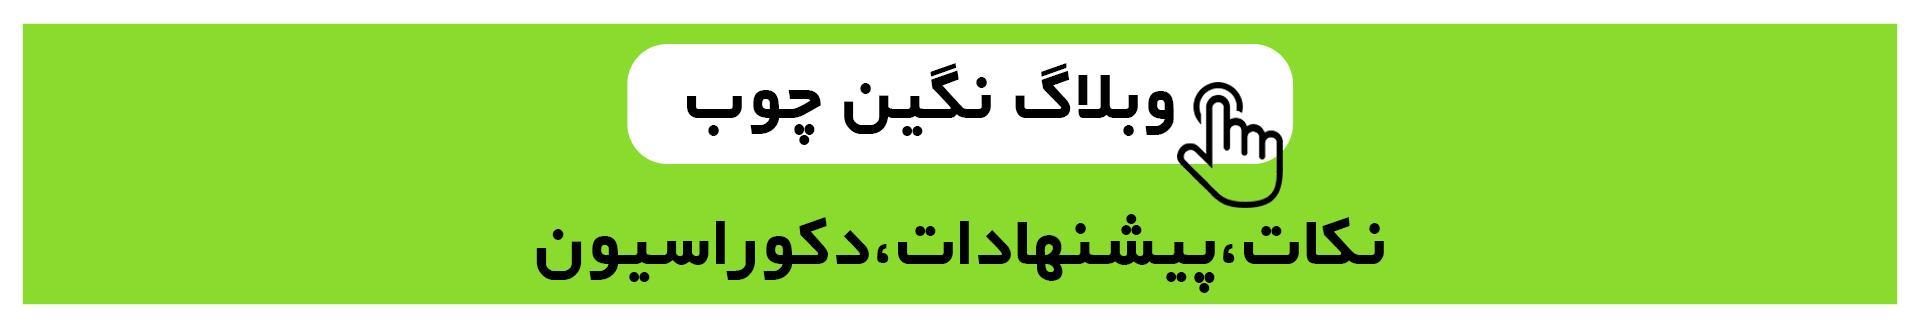 وبلاگ فروش جلو مبلی و عسلی